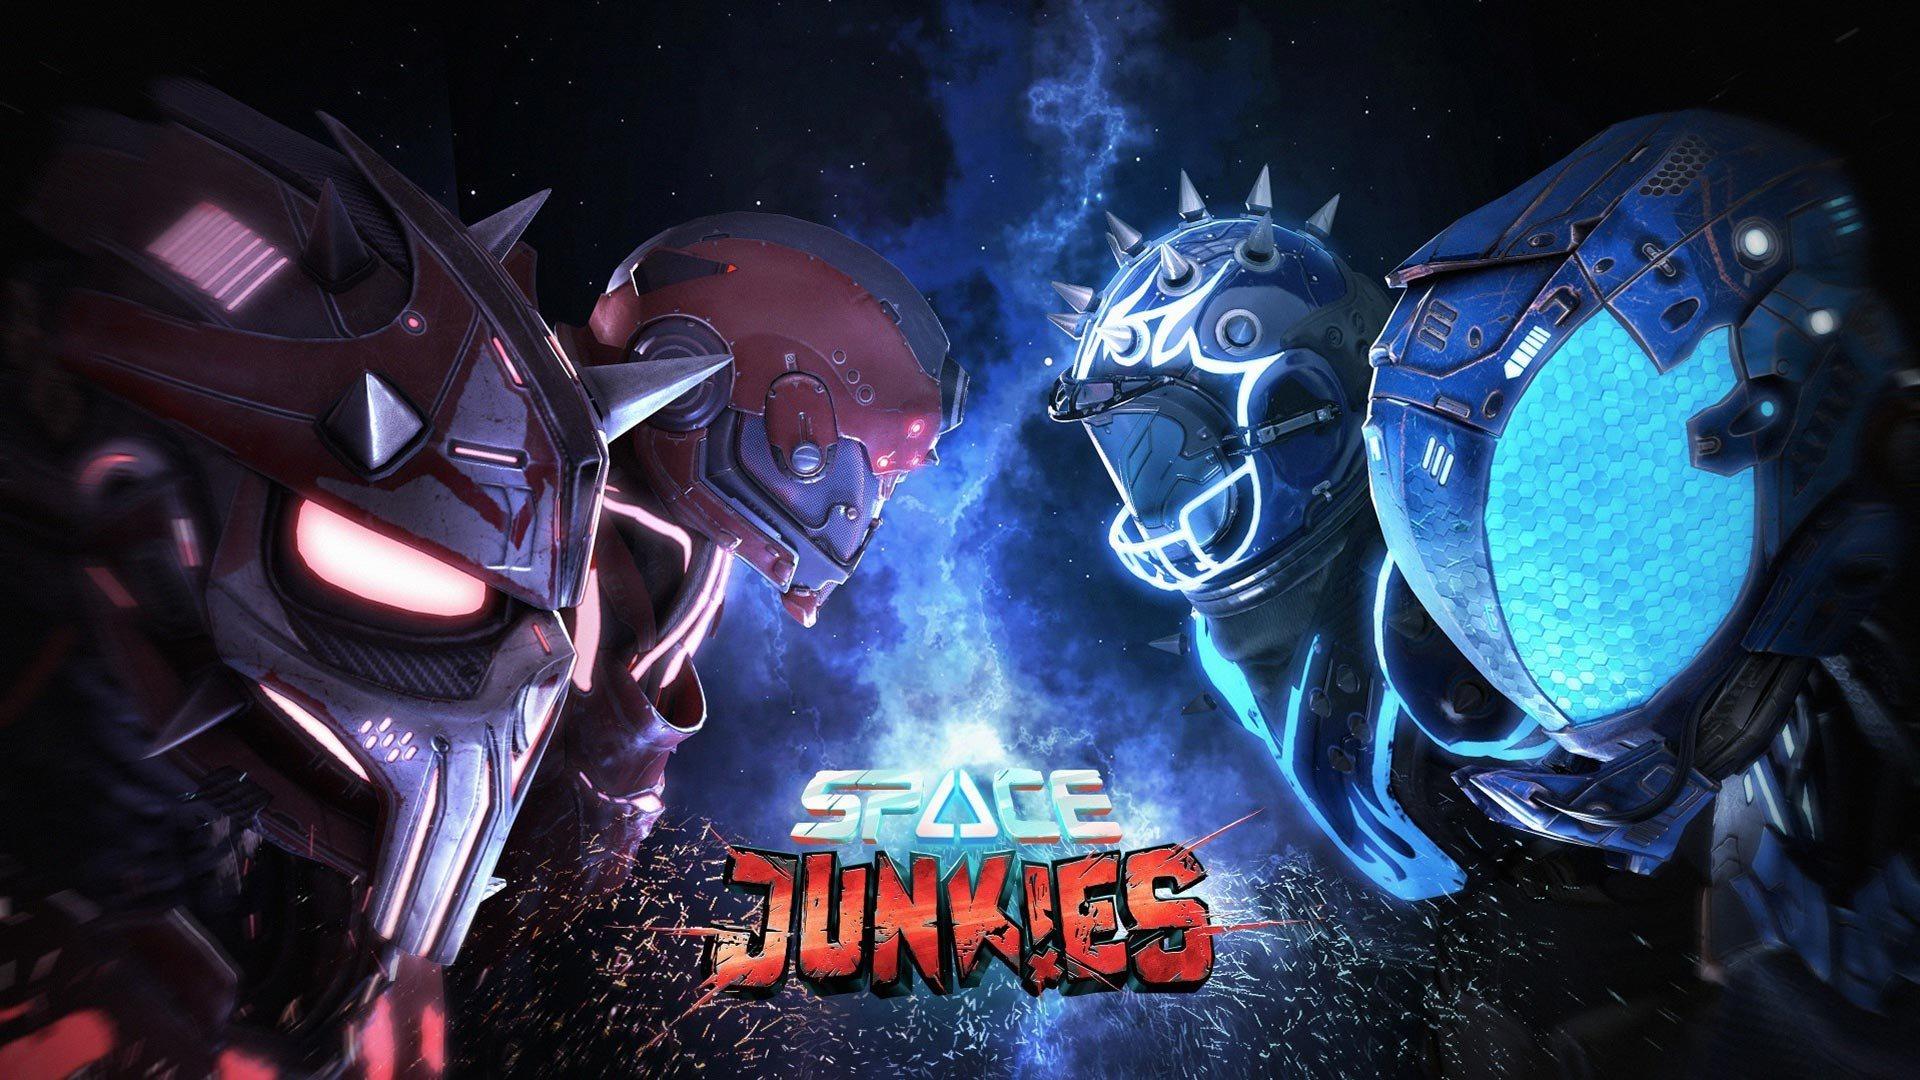 space junkies vr game wallpaper 67822